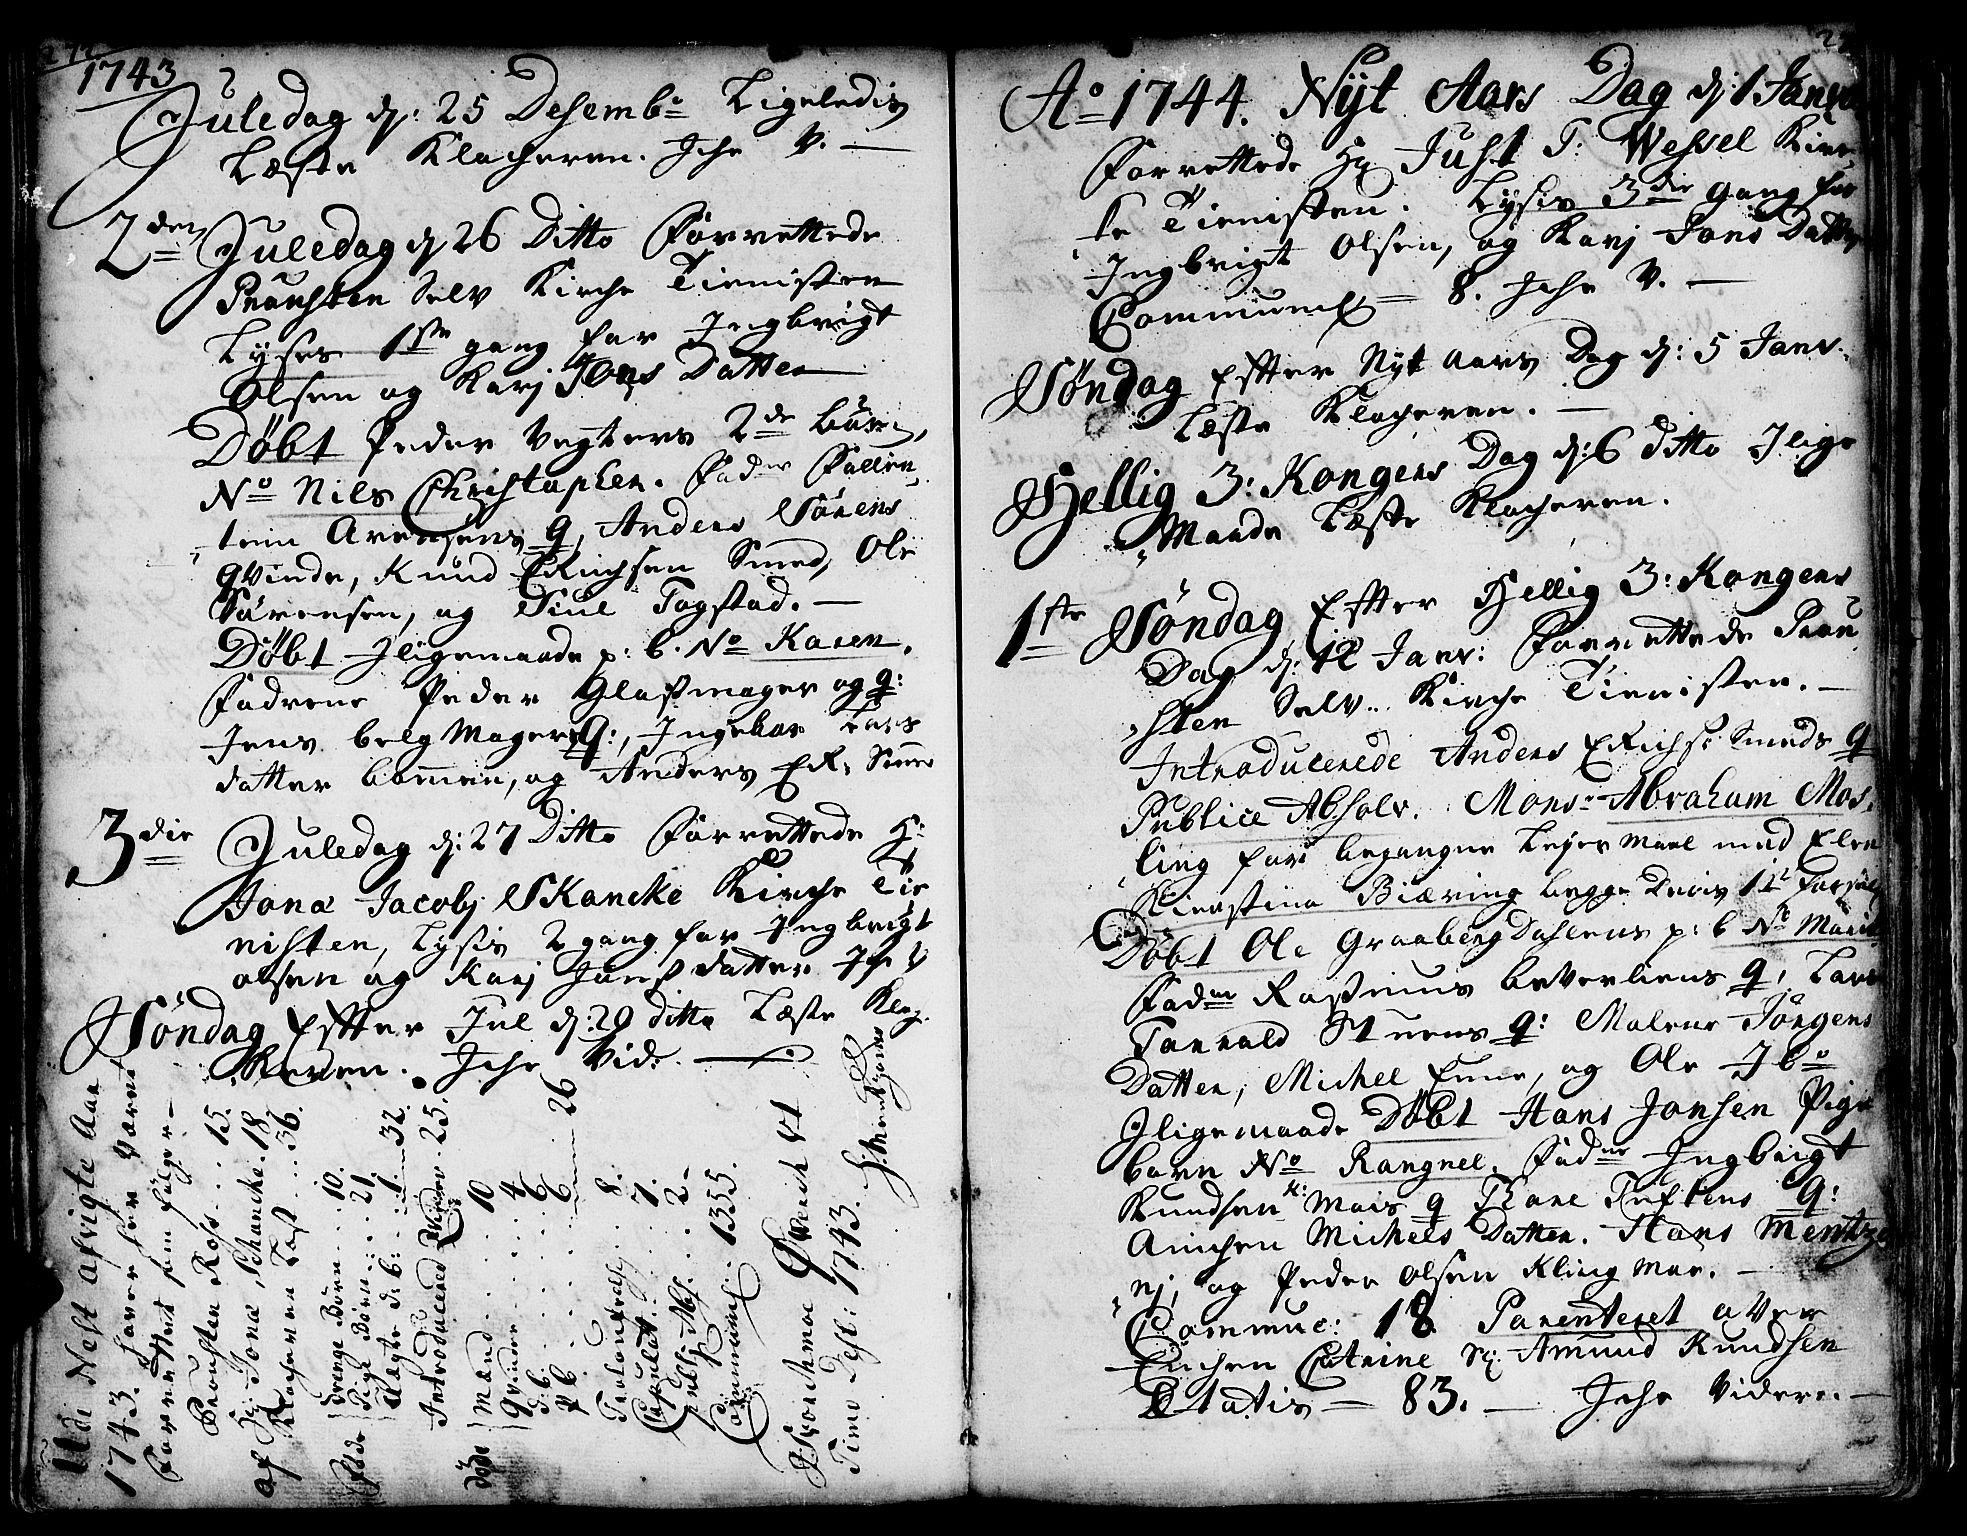 SAT, Ministerialprotokoller, klokkerbøker og fødselsregistre - Sør-Trøndelag, 671/L0839: Ministerialbok nr. 671A01, 1730-1755, s. 272-273